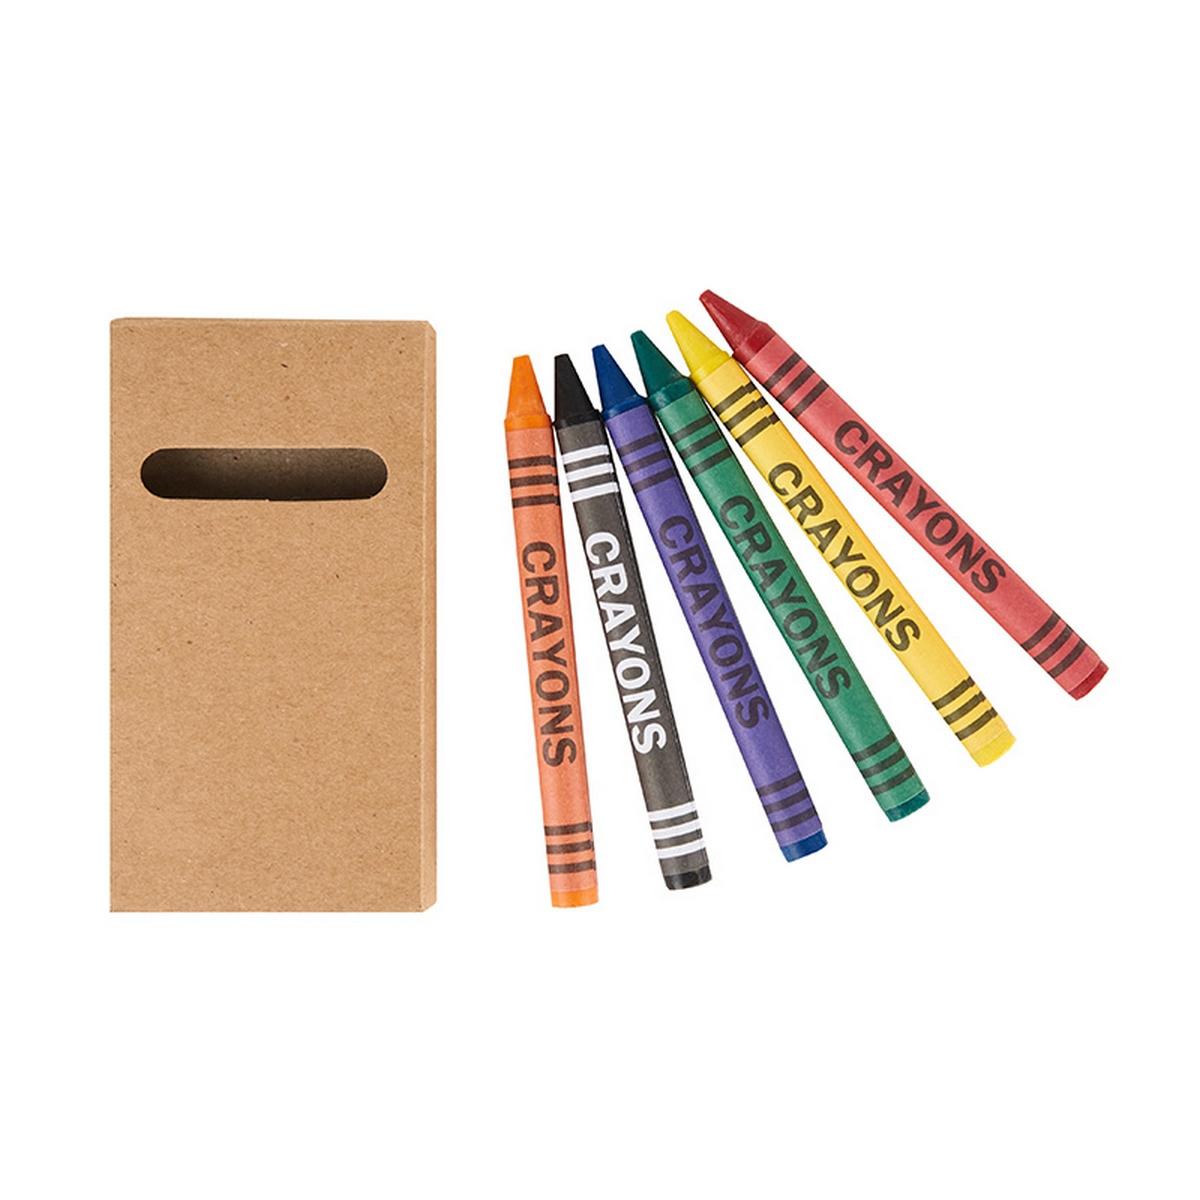 Set de Crayones x 6 unidades